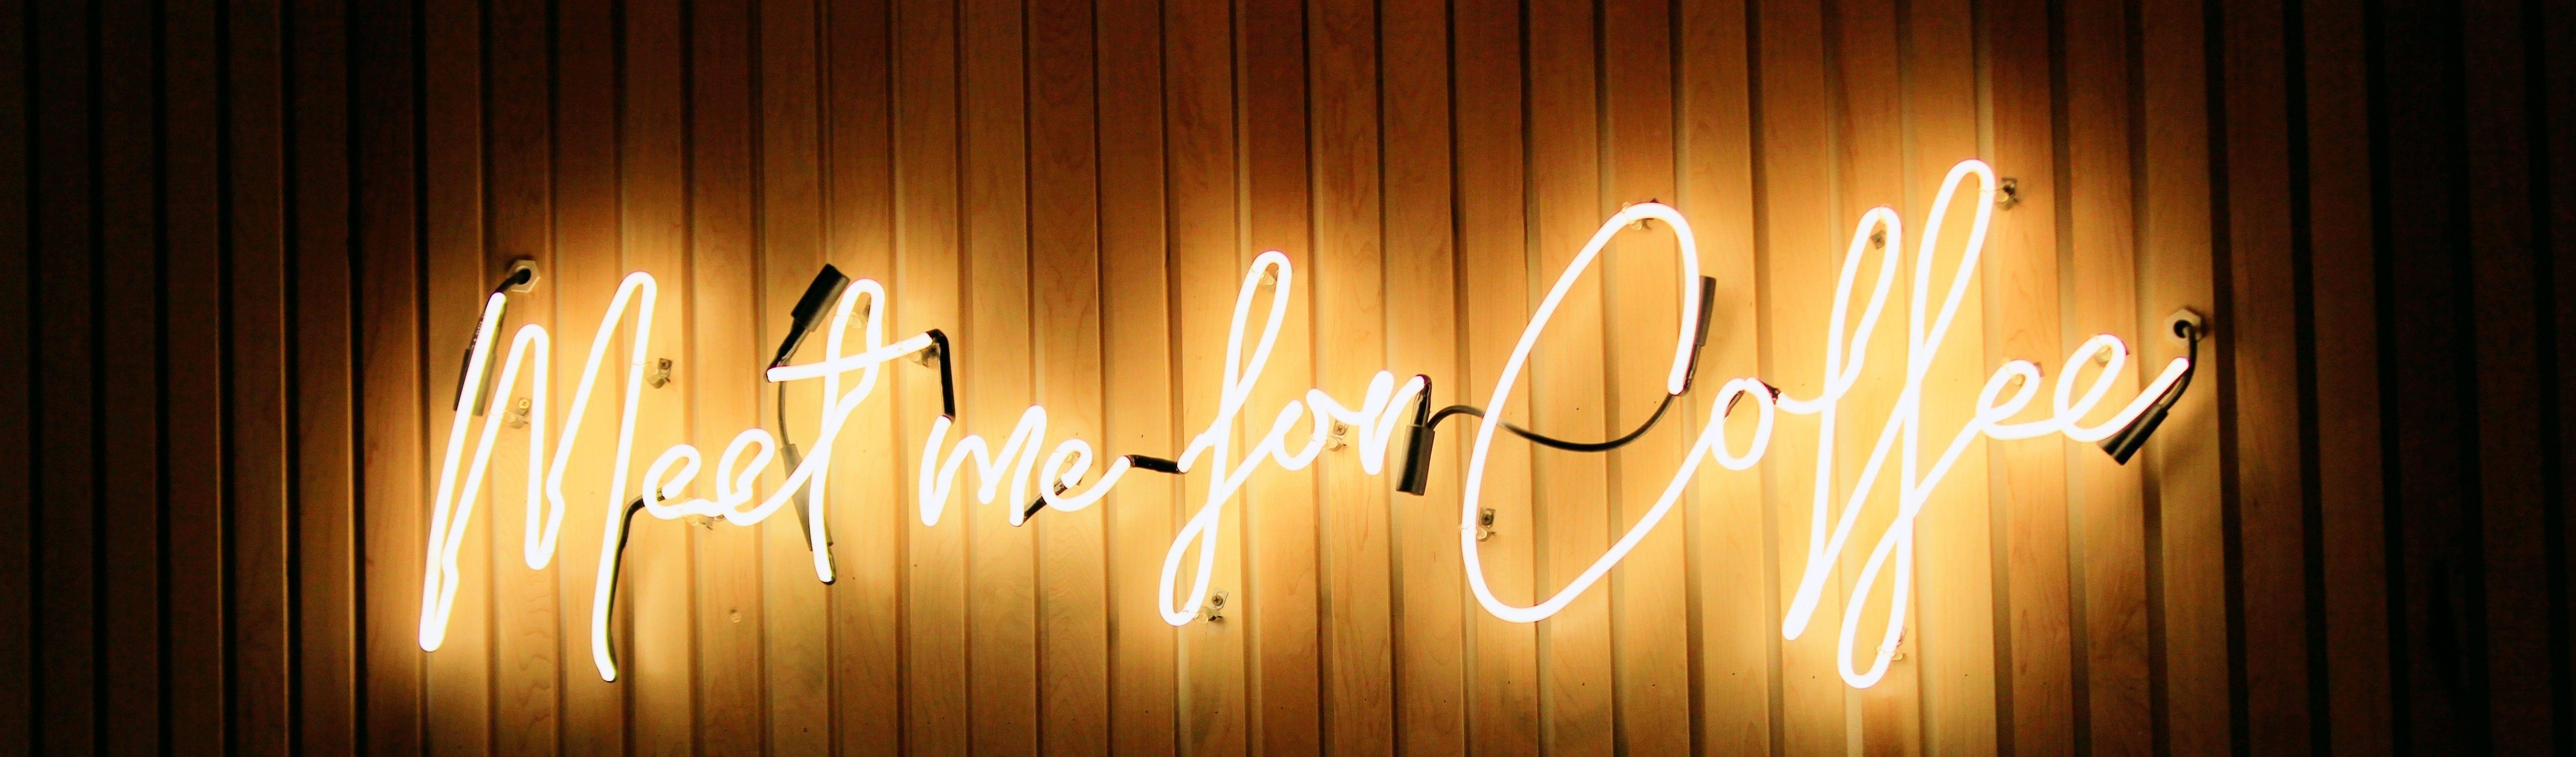 www.juicysantos.com.br - como chamar alguém para um café